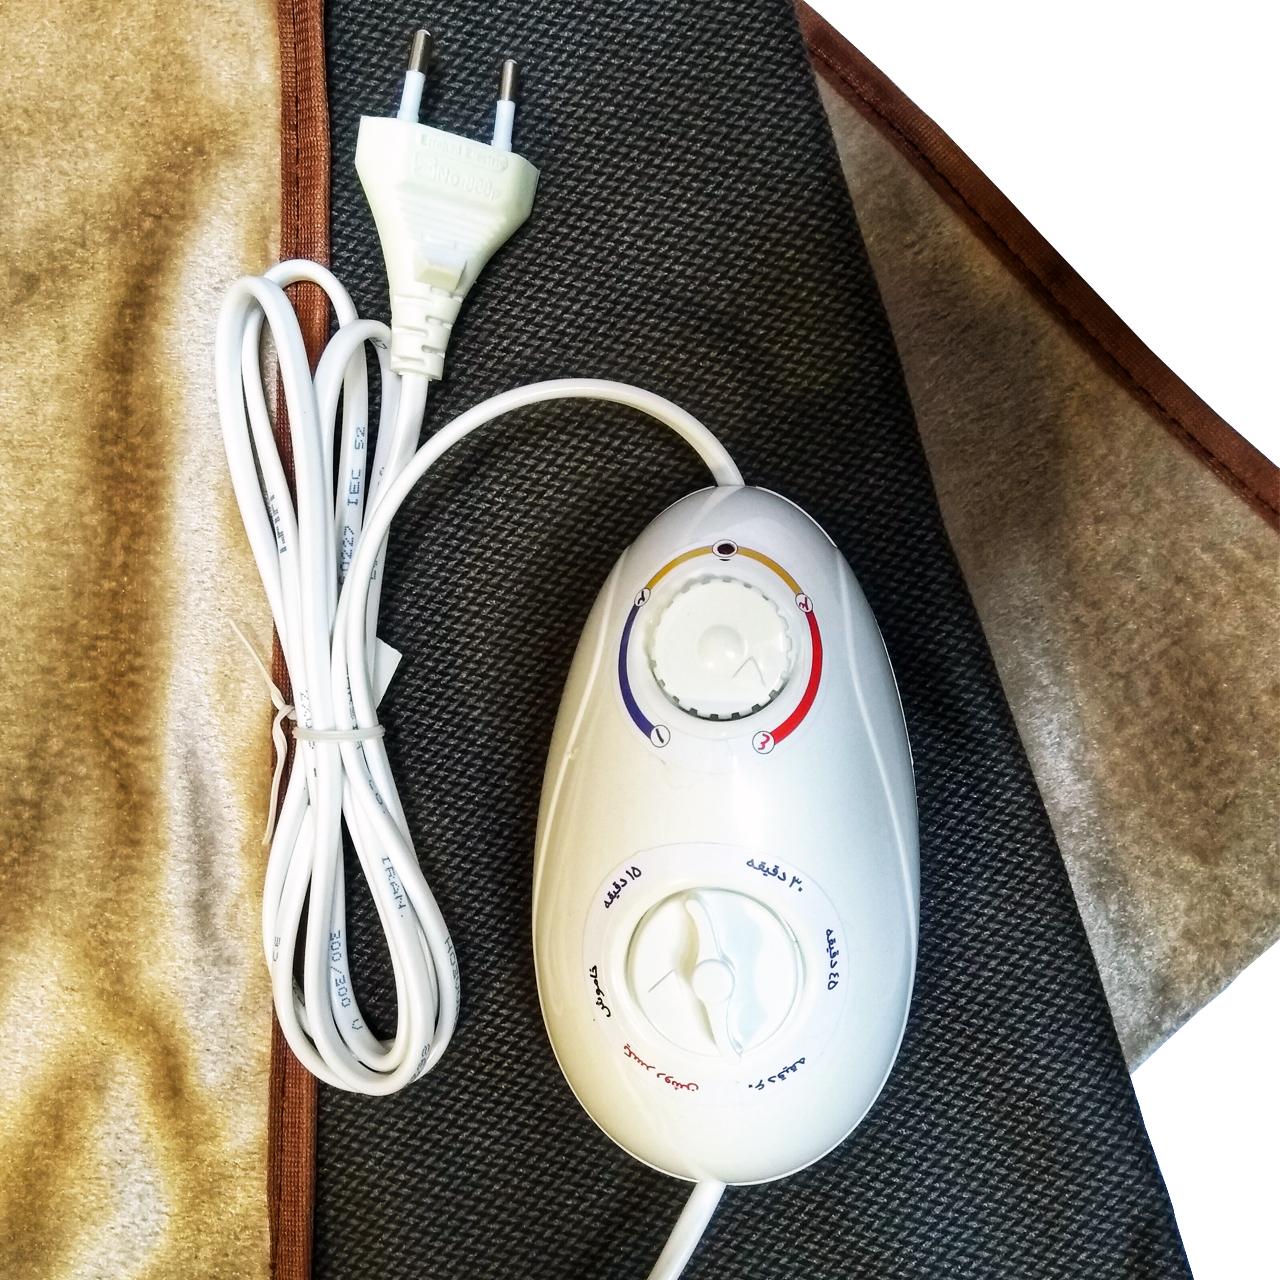 تشک برقی پشمینه مصدری مدل P680